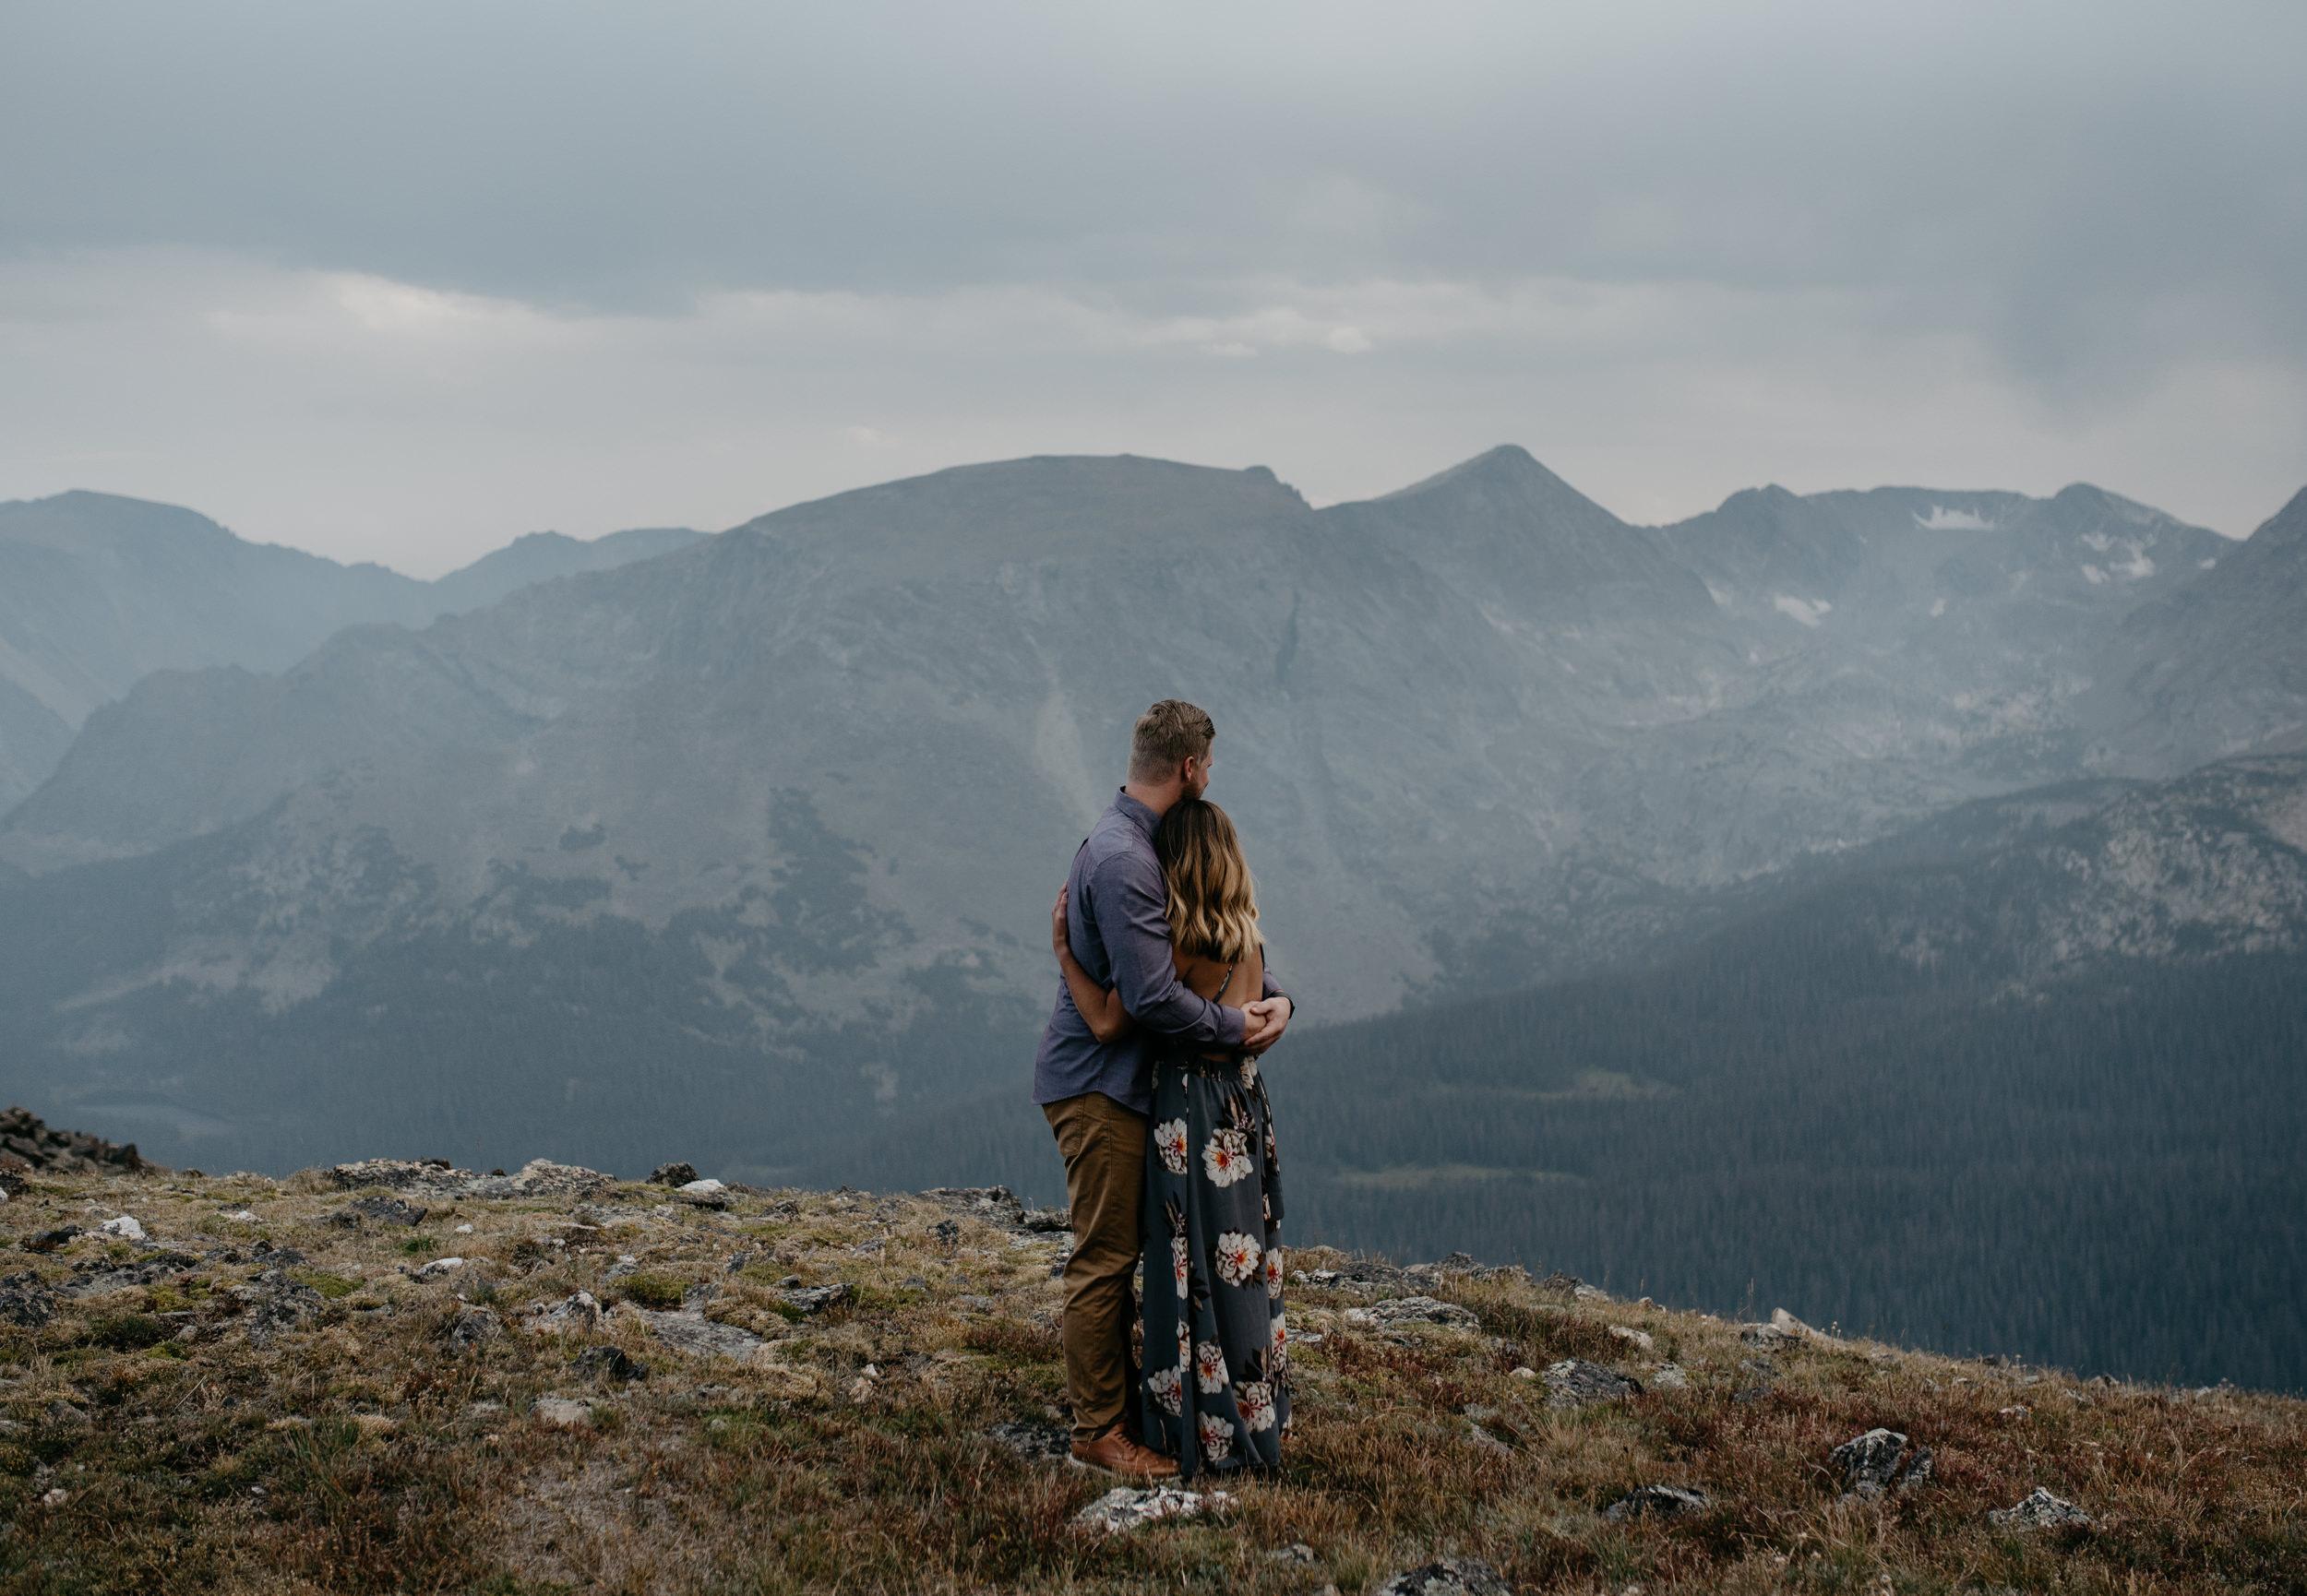 Colorado wedding photographer. Colorado mountaintop elopement photos in Rocky Mountain National Park.